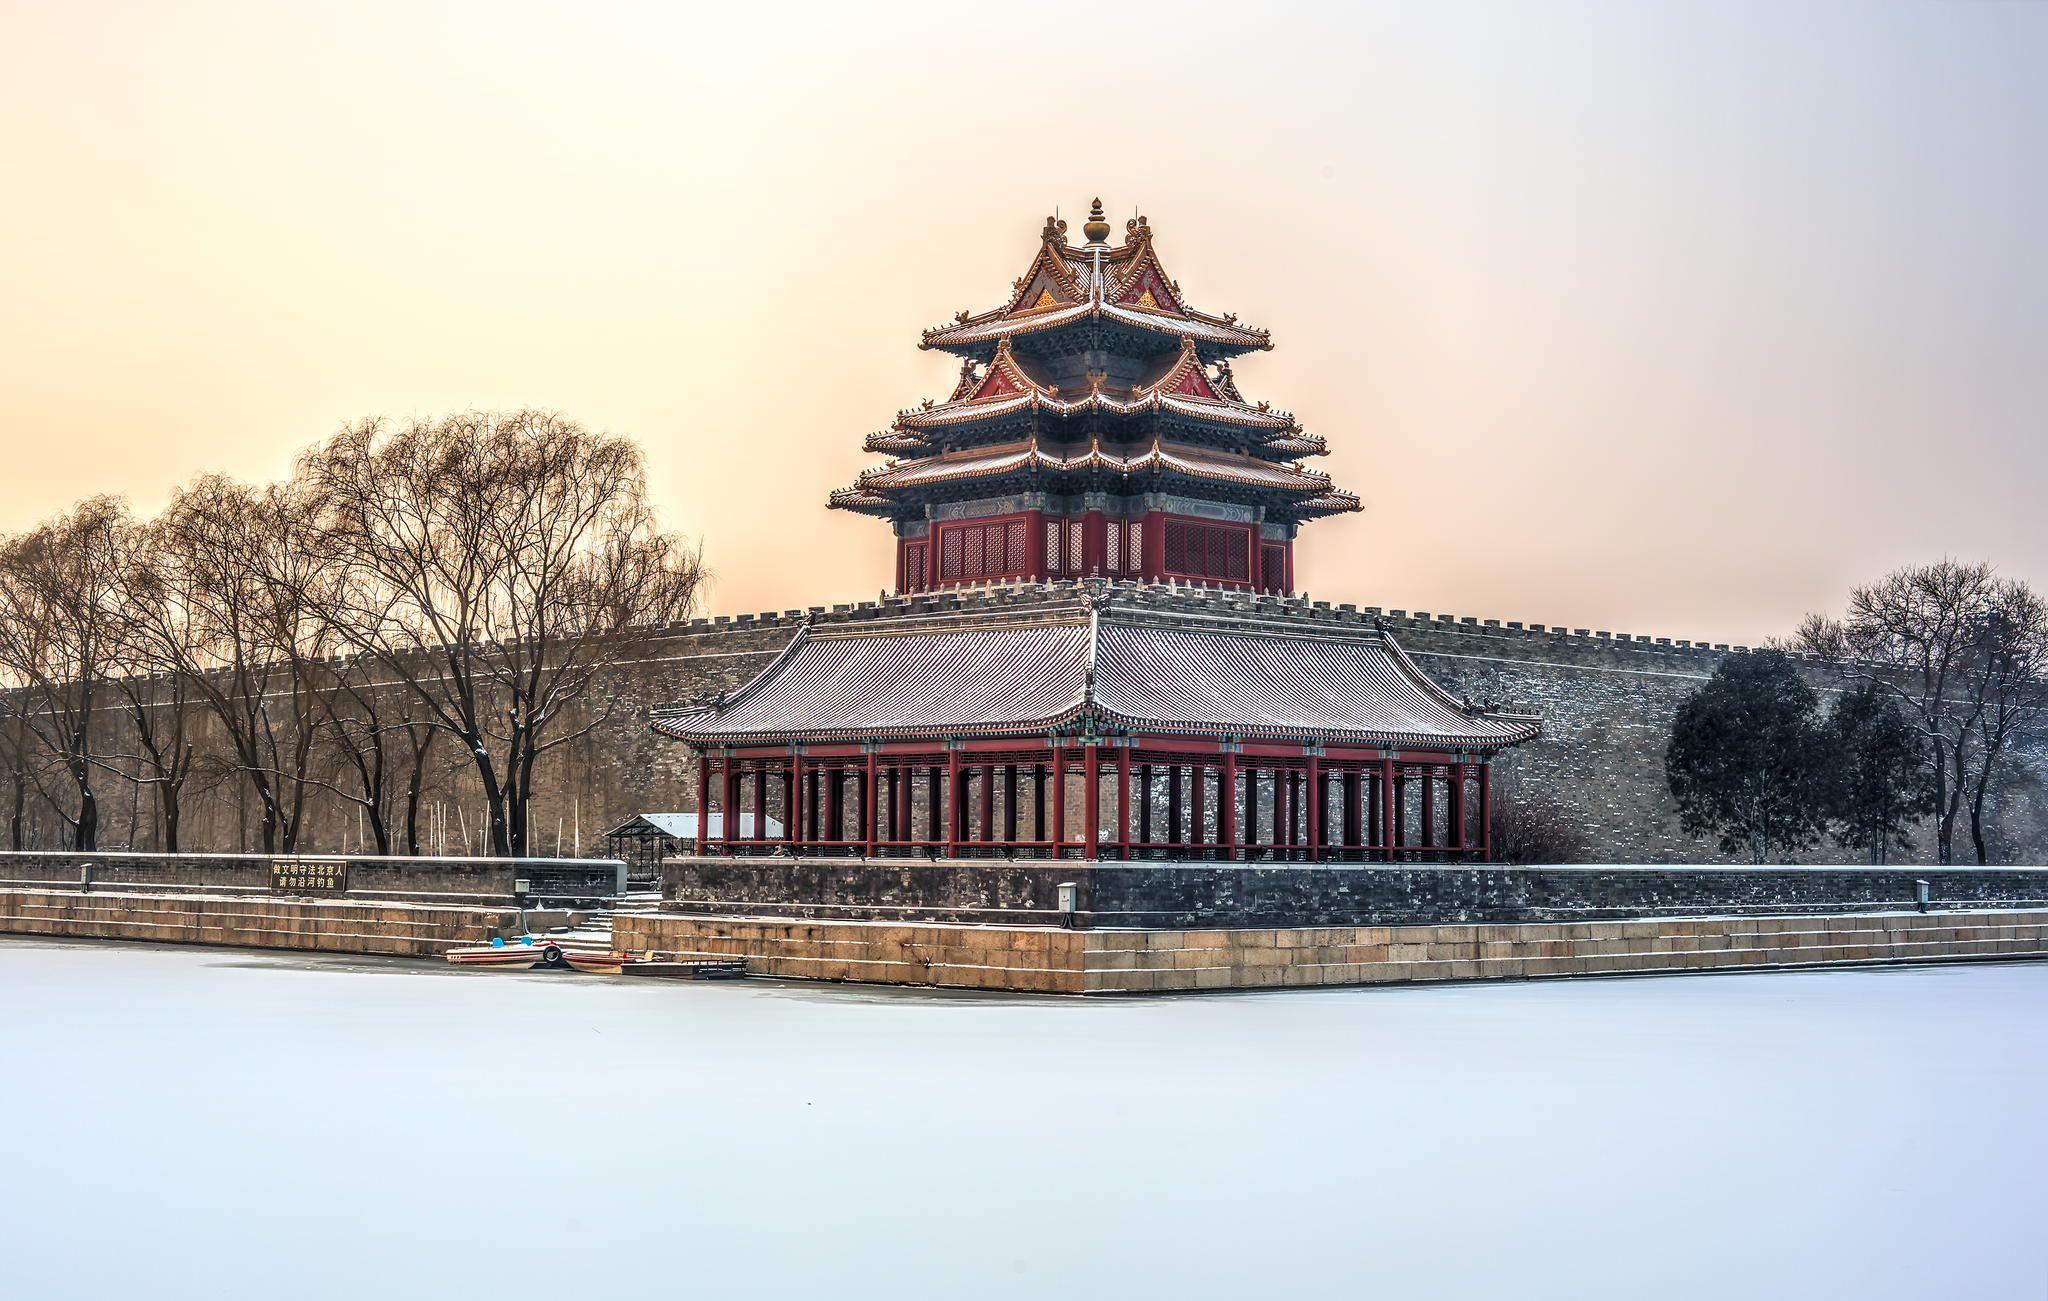 Guard Tower of Palace by Haiwei Hu on 500px